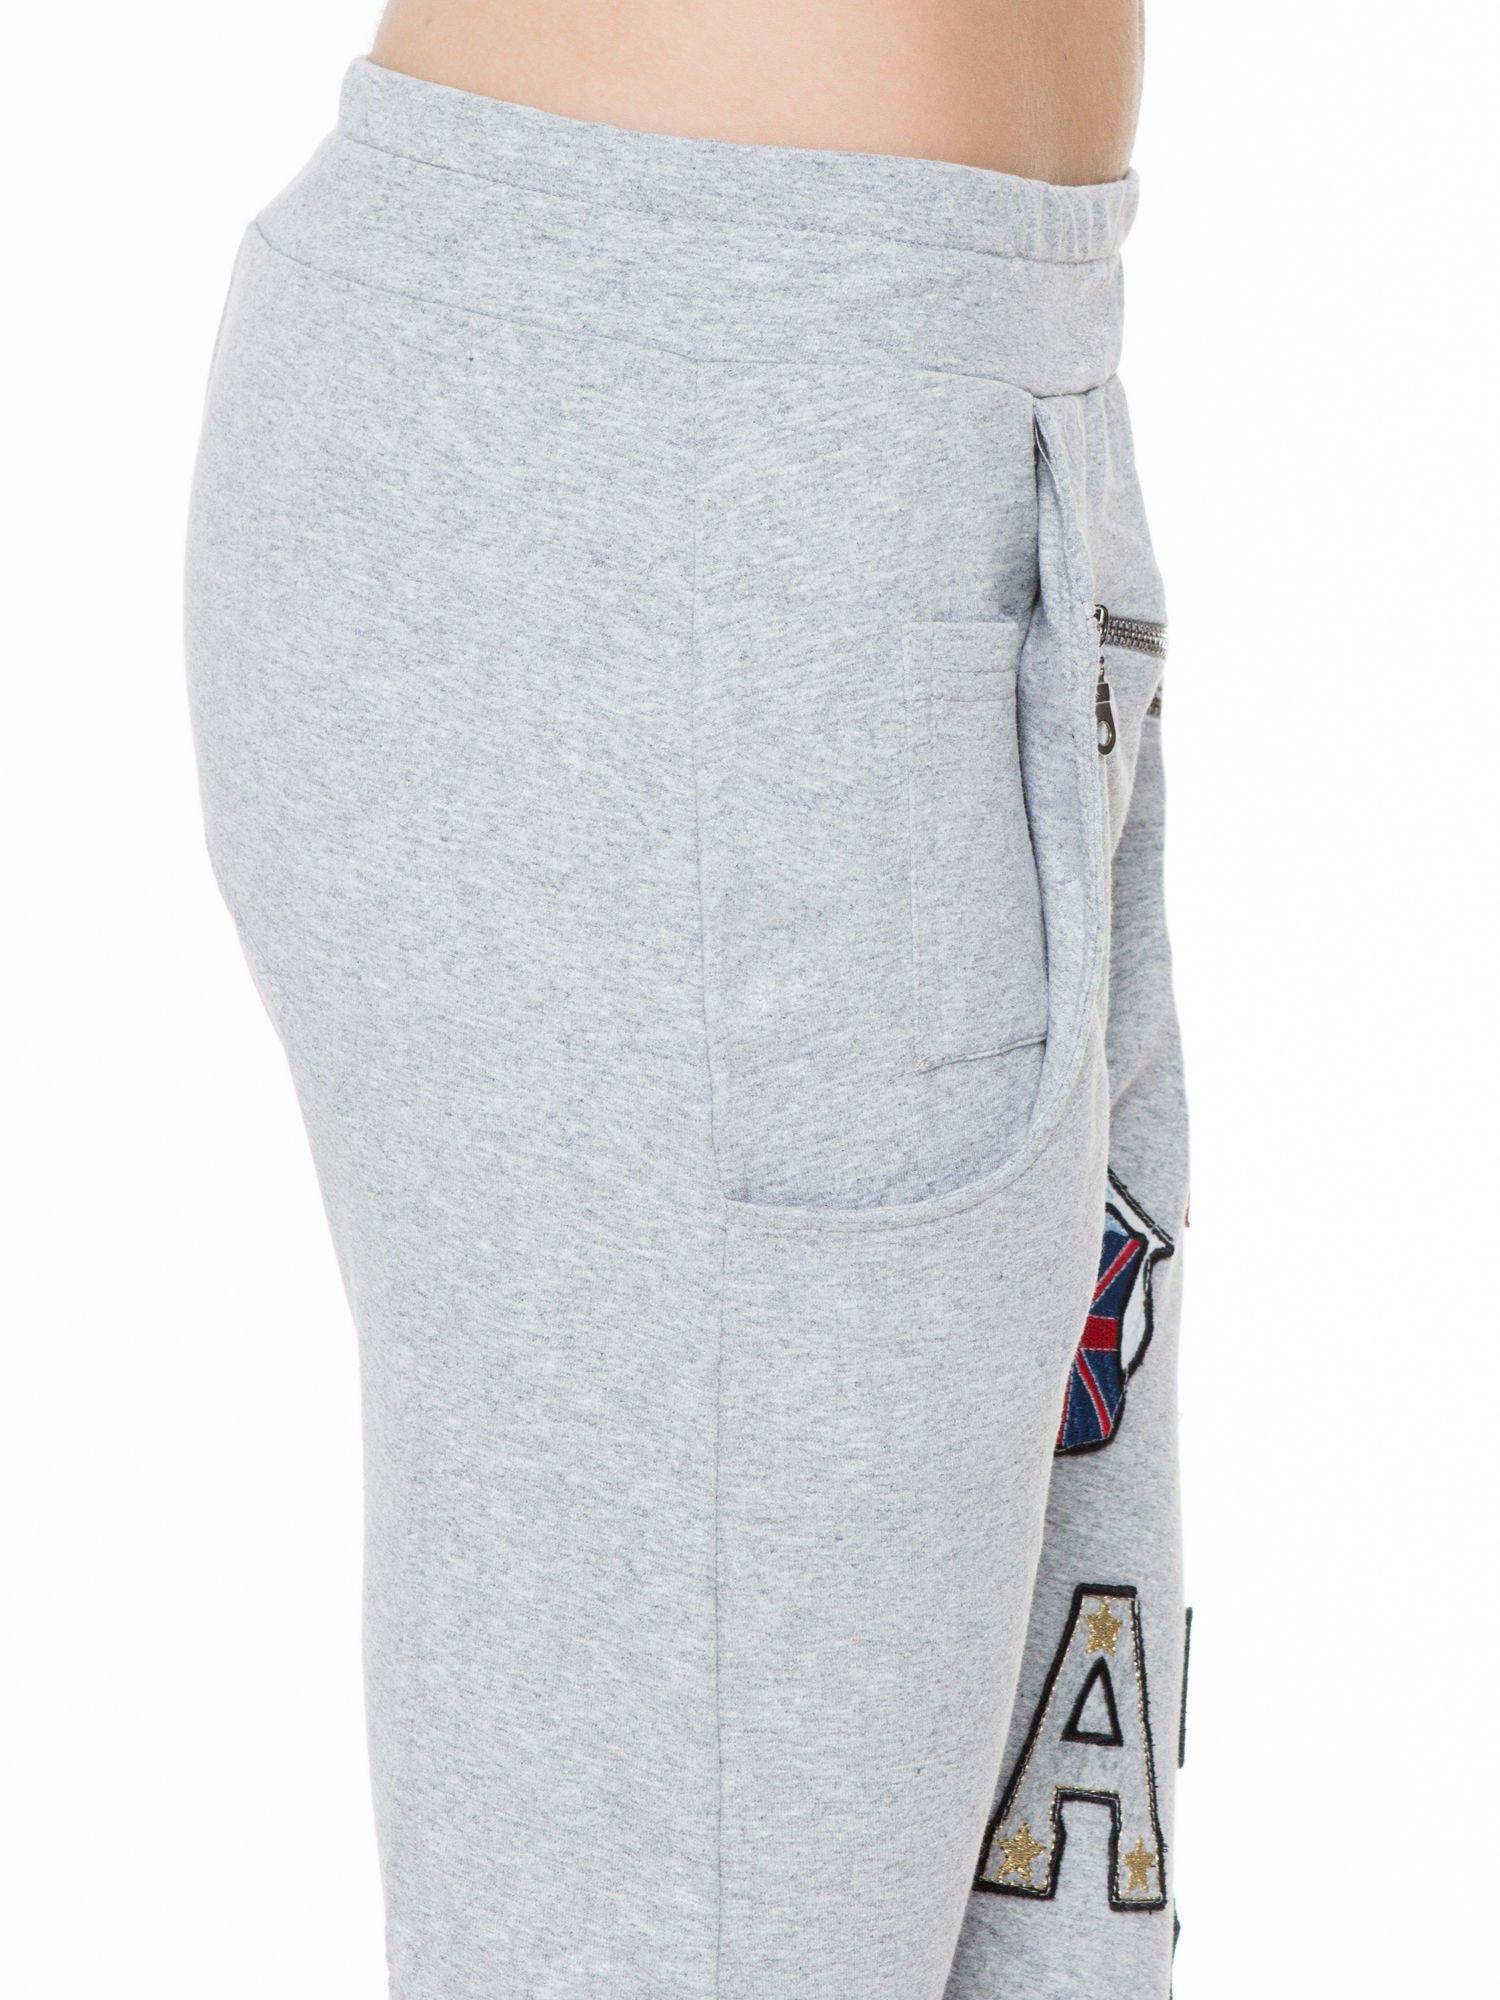 Szare spodnie dresowe typu baggy z naszywkami                                  zdj.                                  6